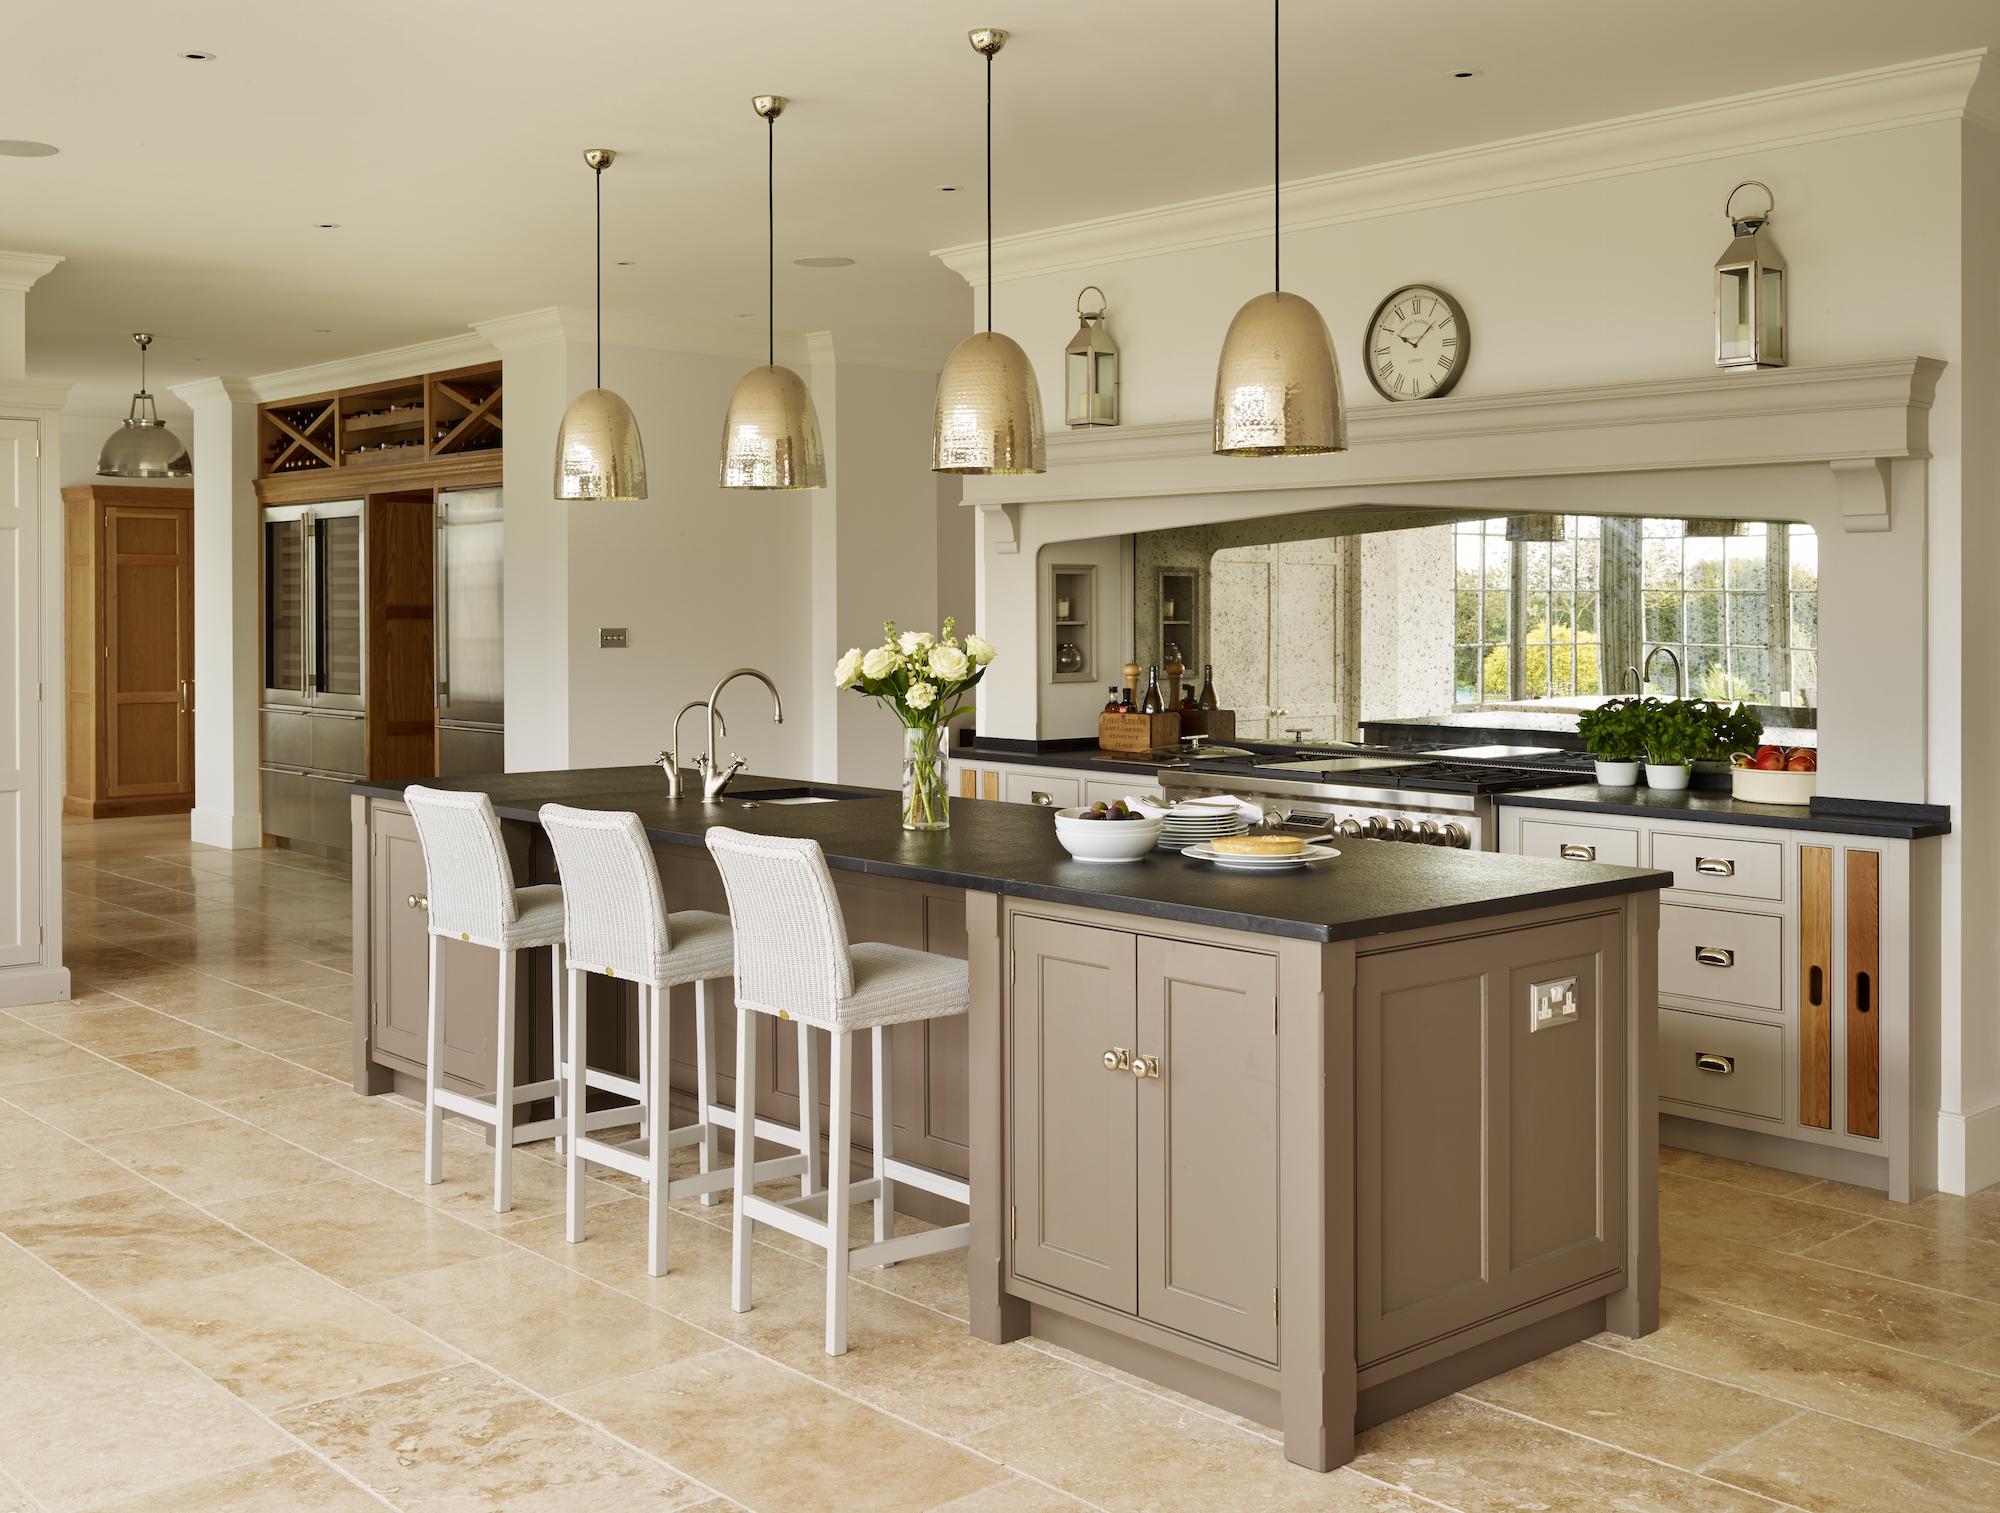 Chic kitchen design ideas kitchen designs ideas